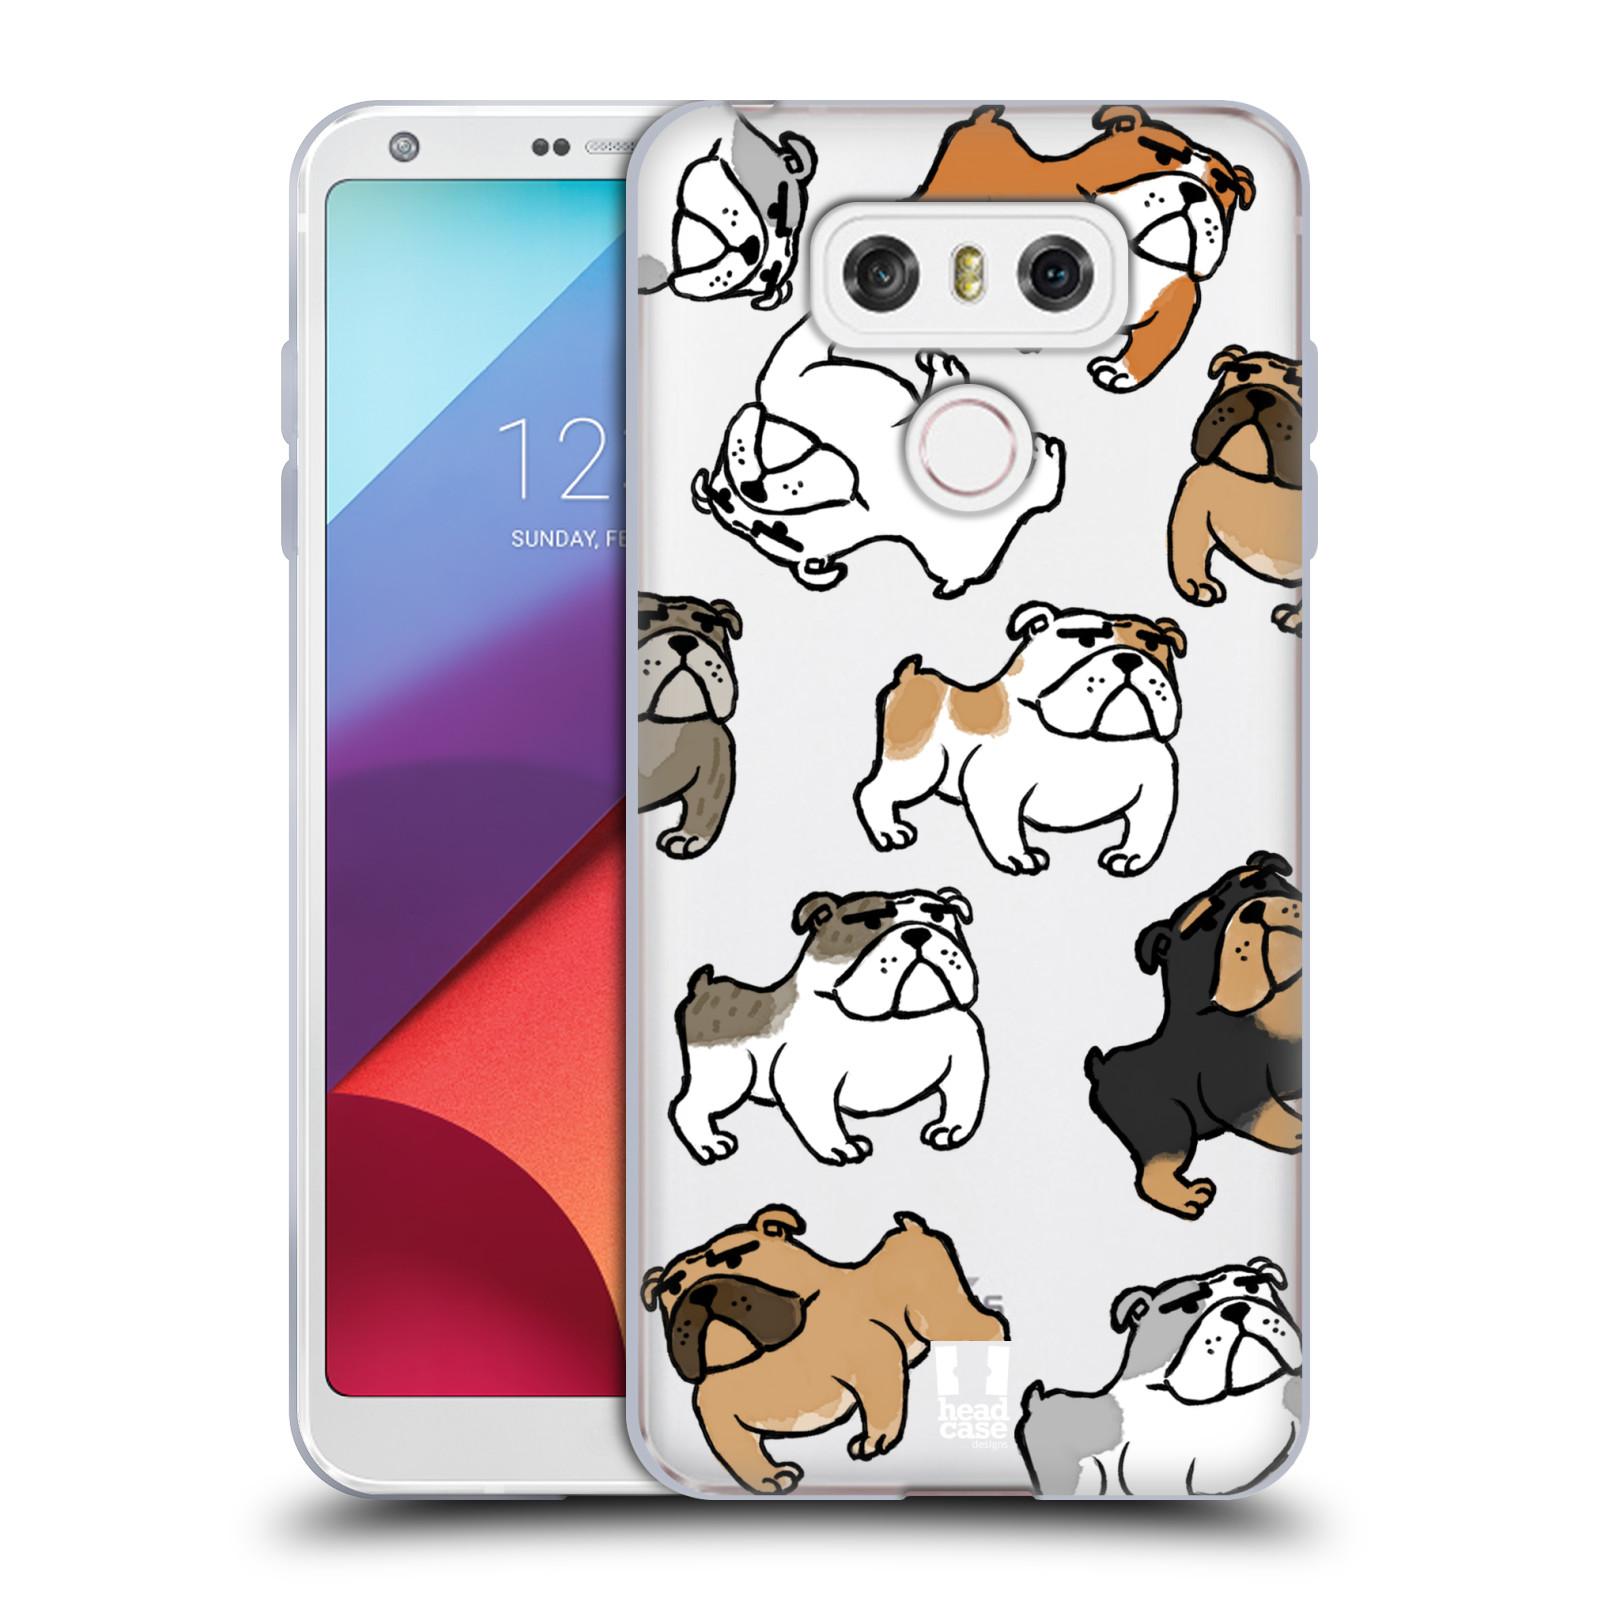 Silikonové pouzdro na mobil LG G6 - Head Case - Buldoci (Silikonový kryt či obal na mobilní telefon s motivem buldoků pro LG G6 H870 / LG G6 Dual SIM H870DS)